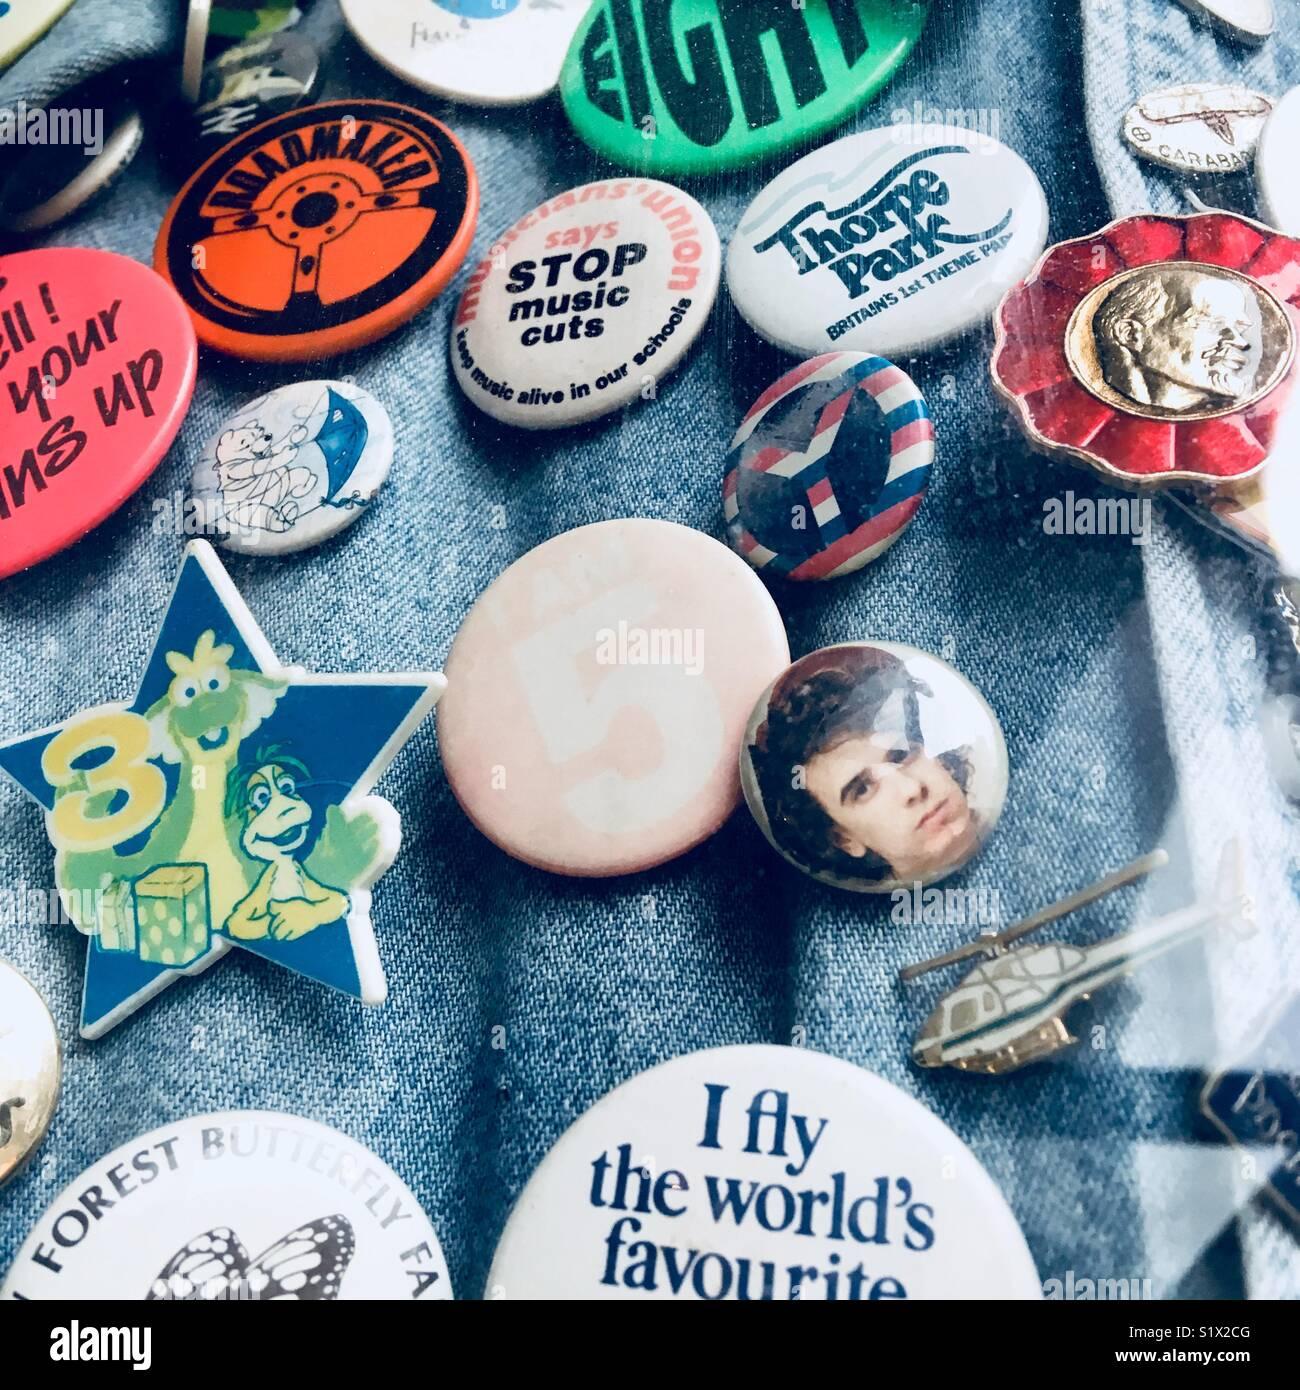 La Eightie insignias anclado a una chaqueta de dril de algodón. Imagen De Stock